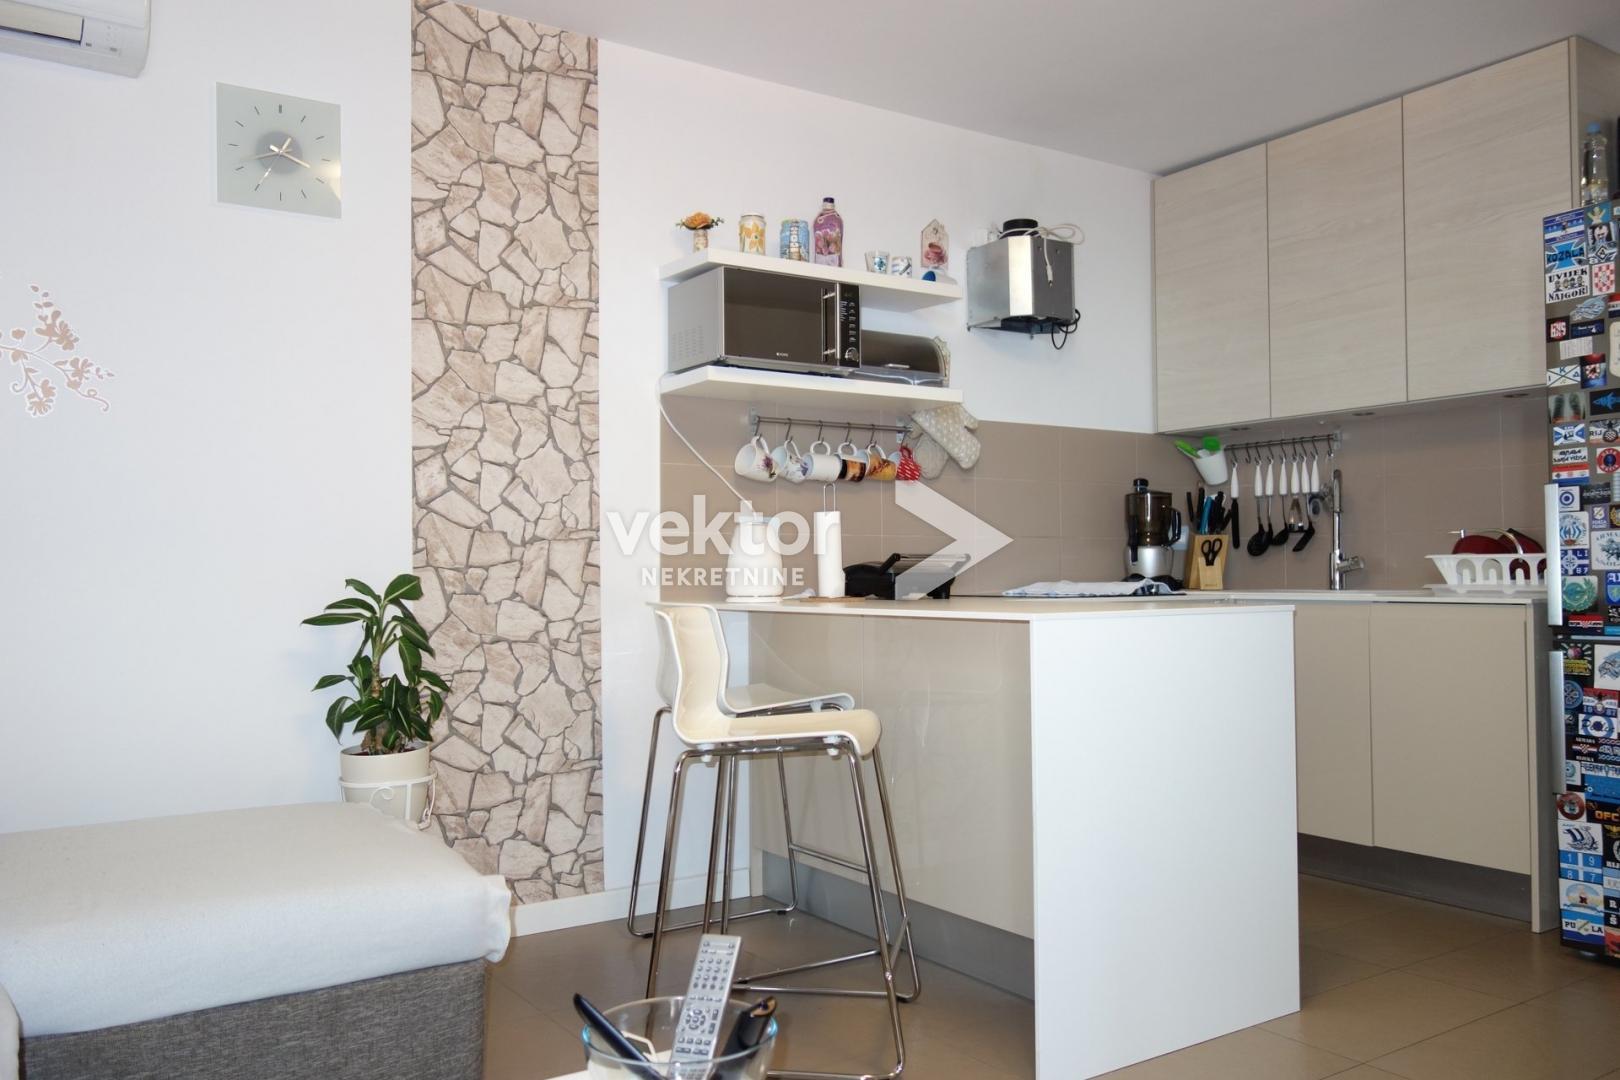 Stan, Donja Drenova, 54m2, 2-soban s dnevnim boravkom, adaptiran